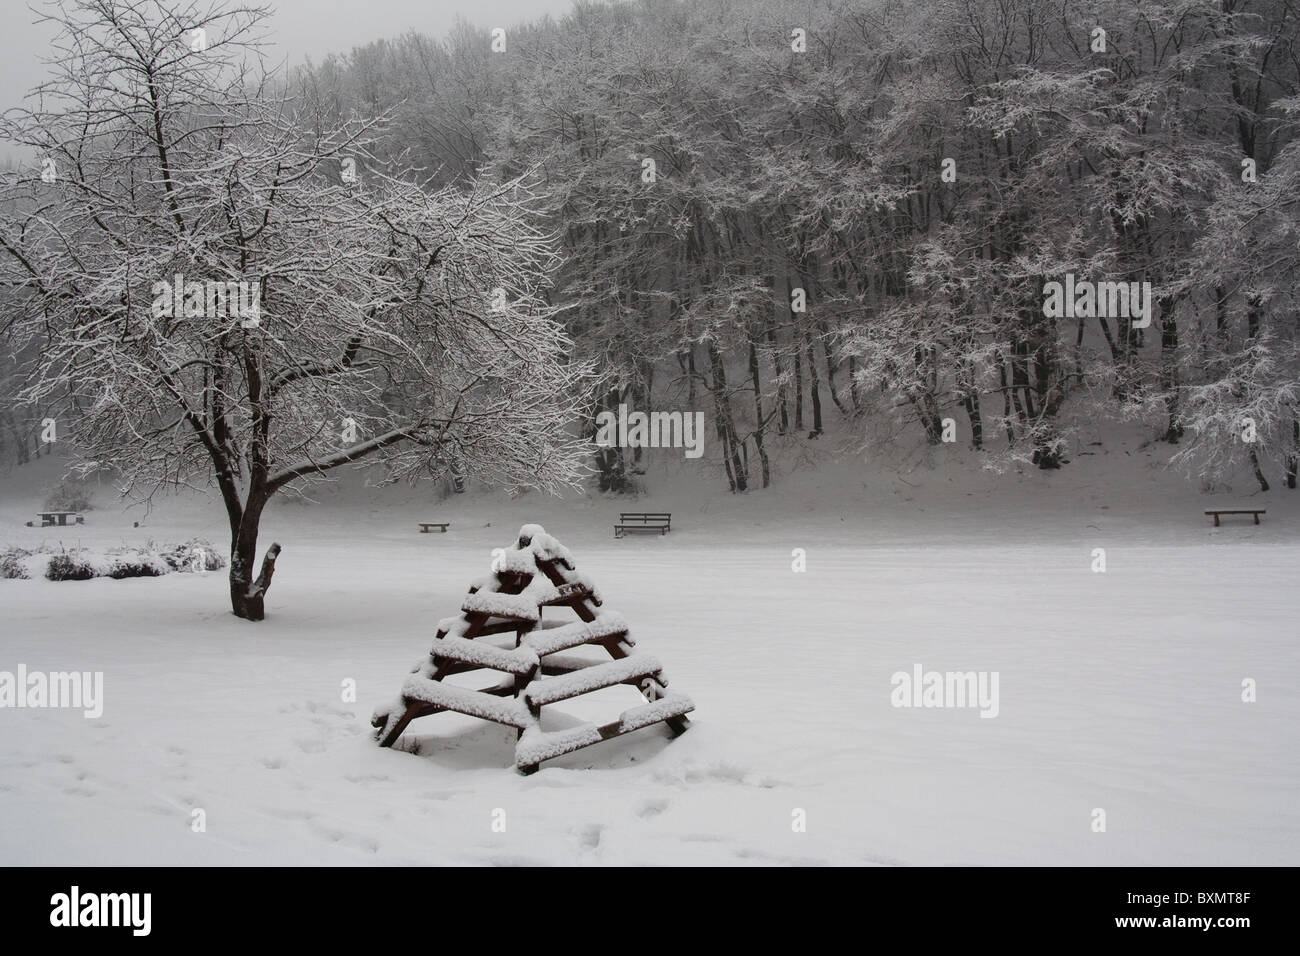 Eine verschneite Szene in Germia Park, einem öffentlichen Bereich außerhalb Prishtina im Kosovo Stockbild